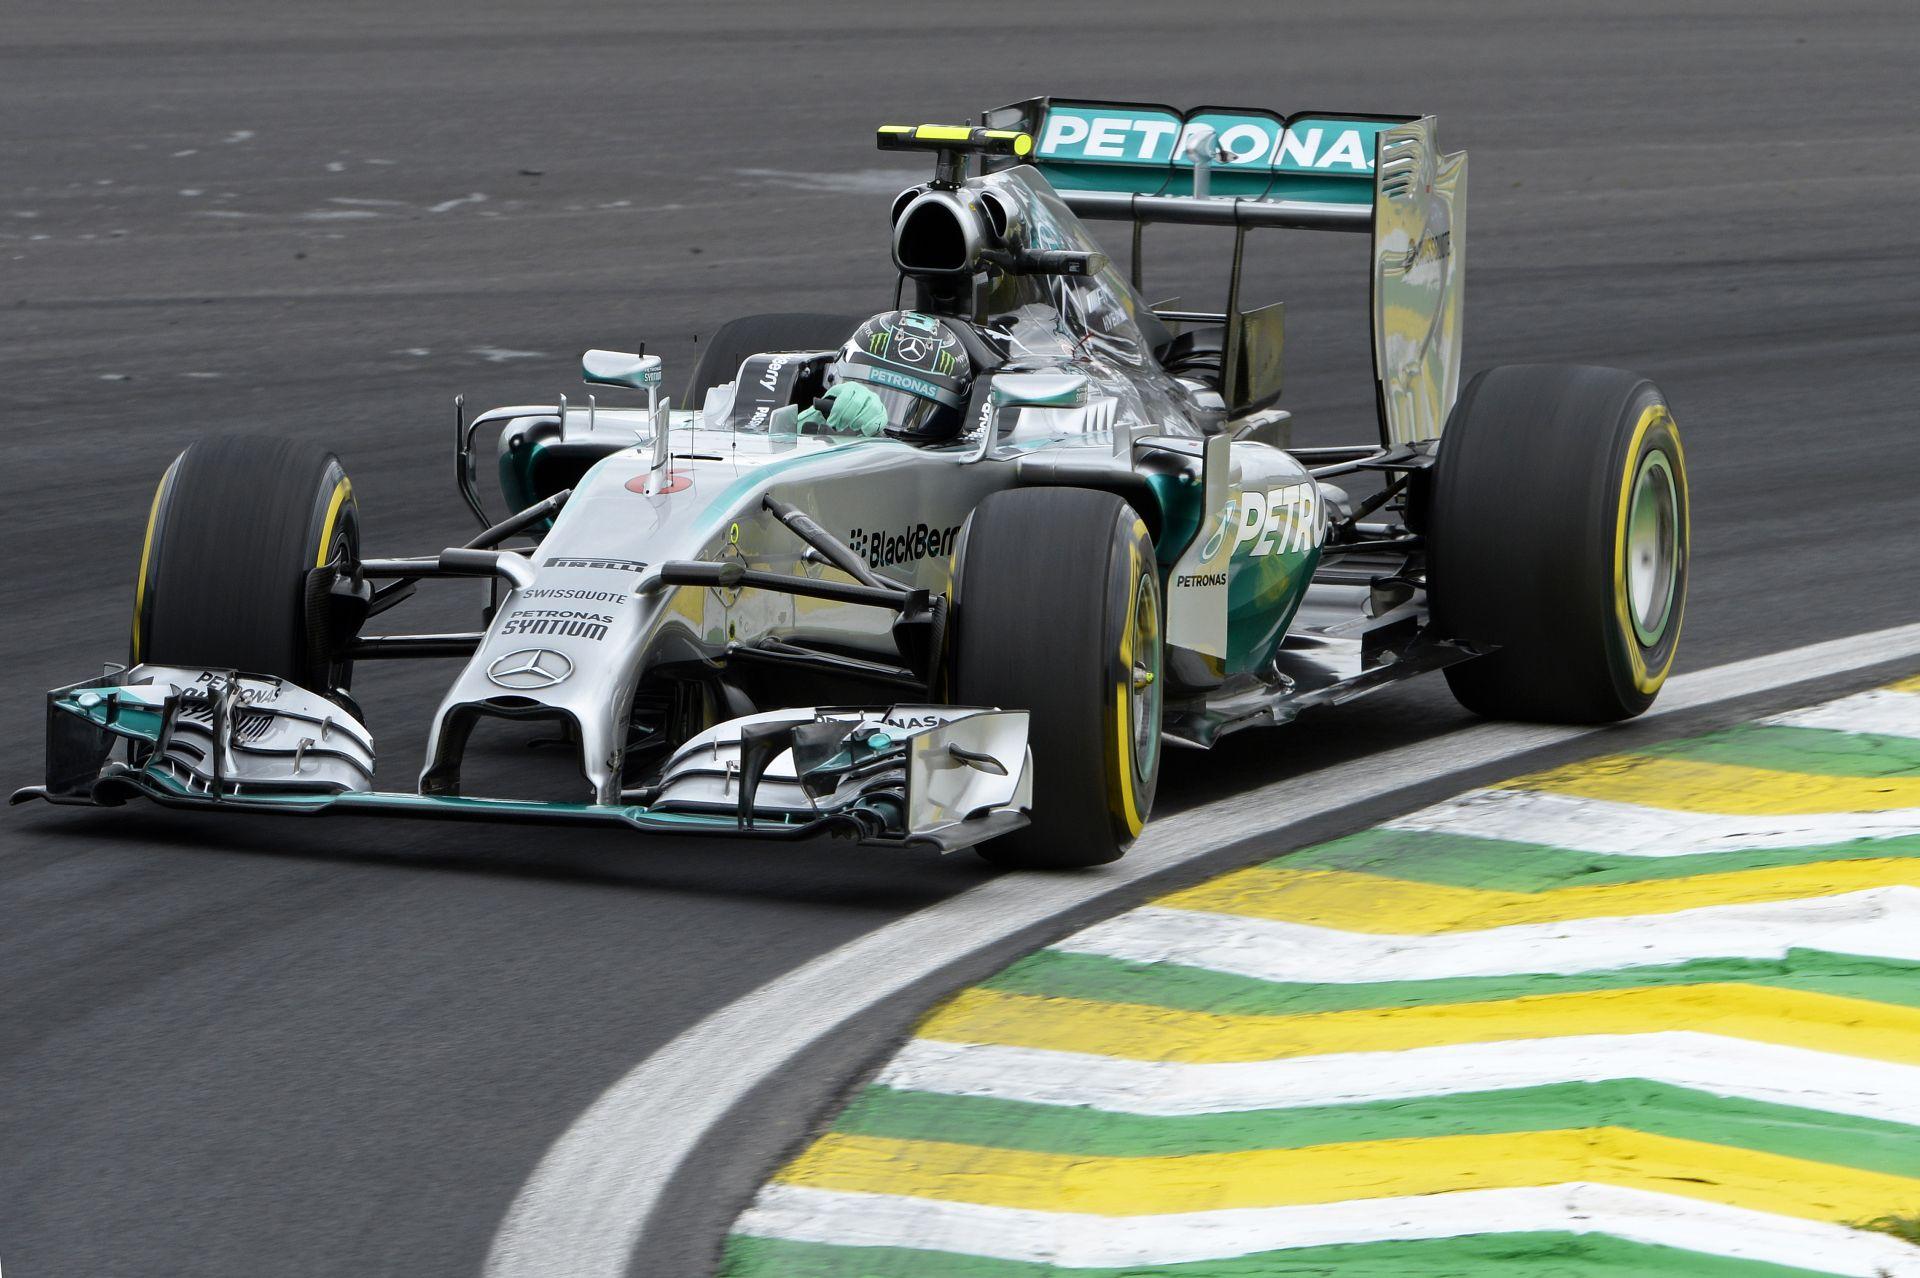 Még egy pole, és Rosberg beéri Schumachert és Häkkinent